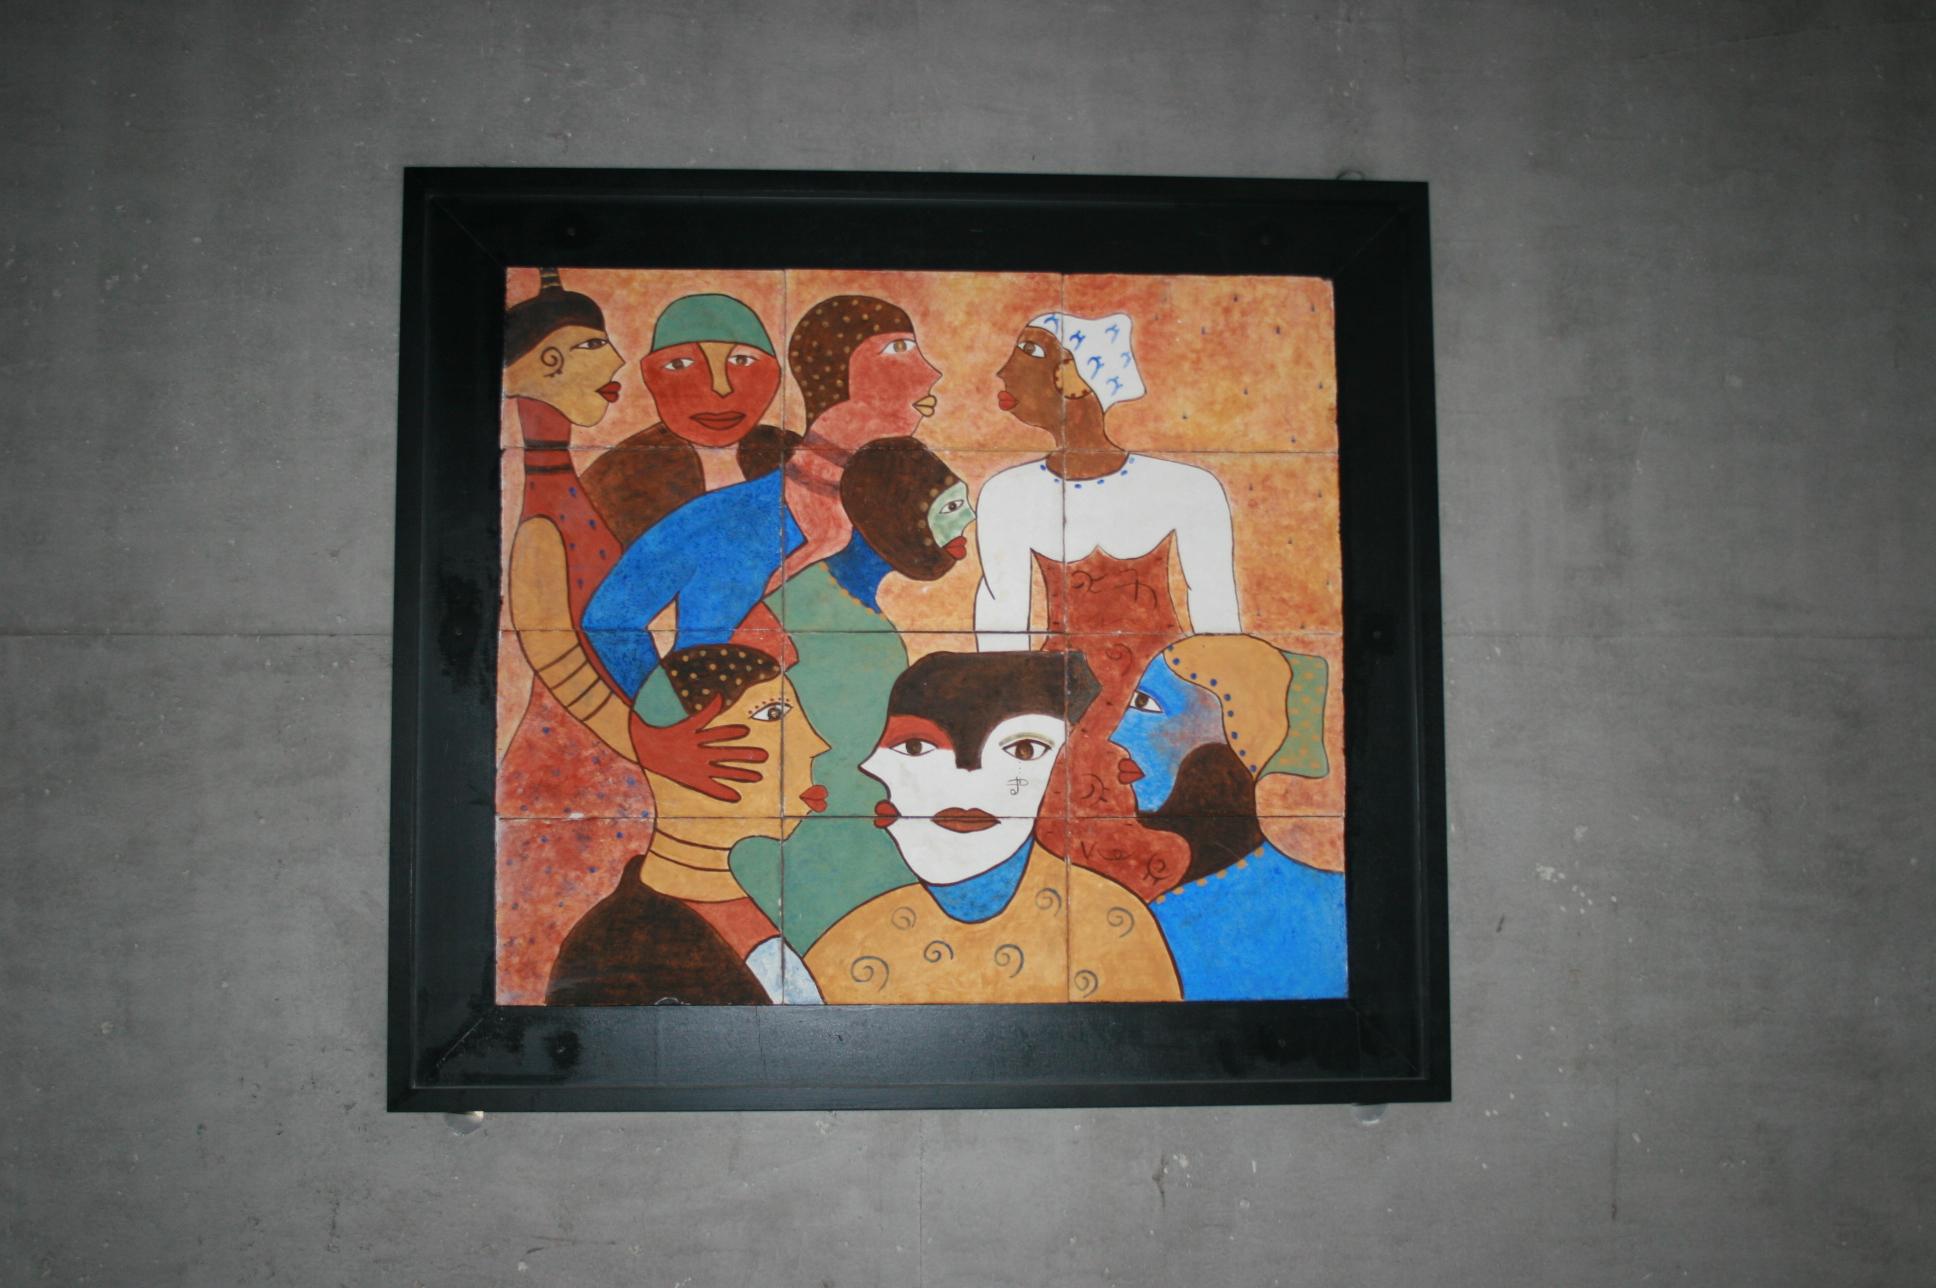 La fresque encadrée au Lycée